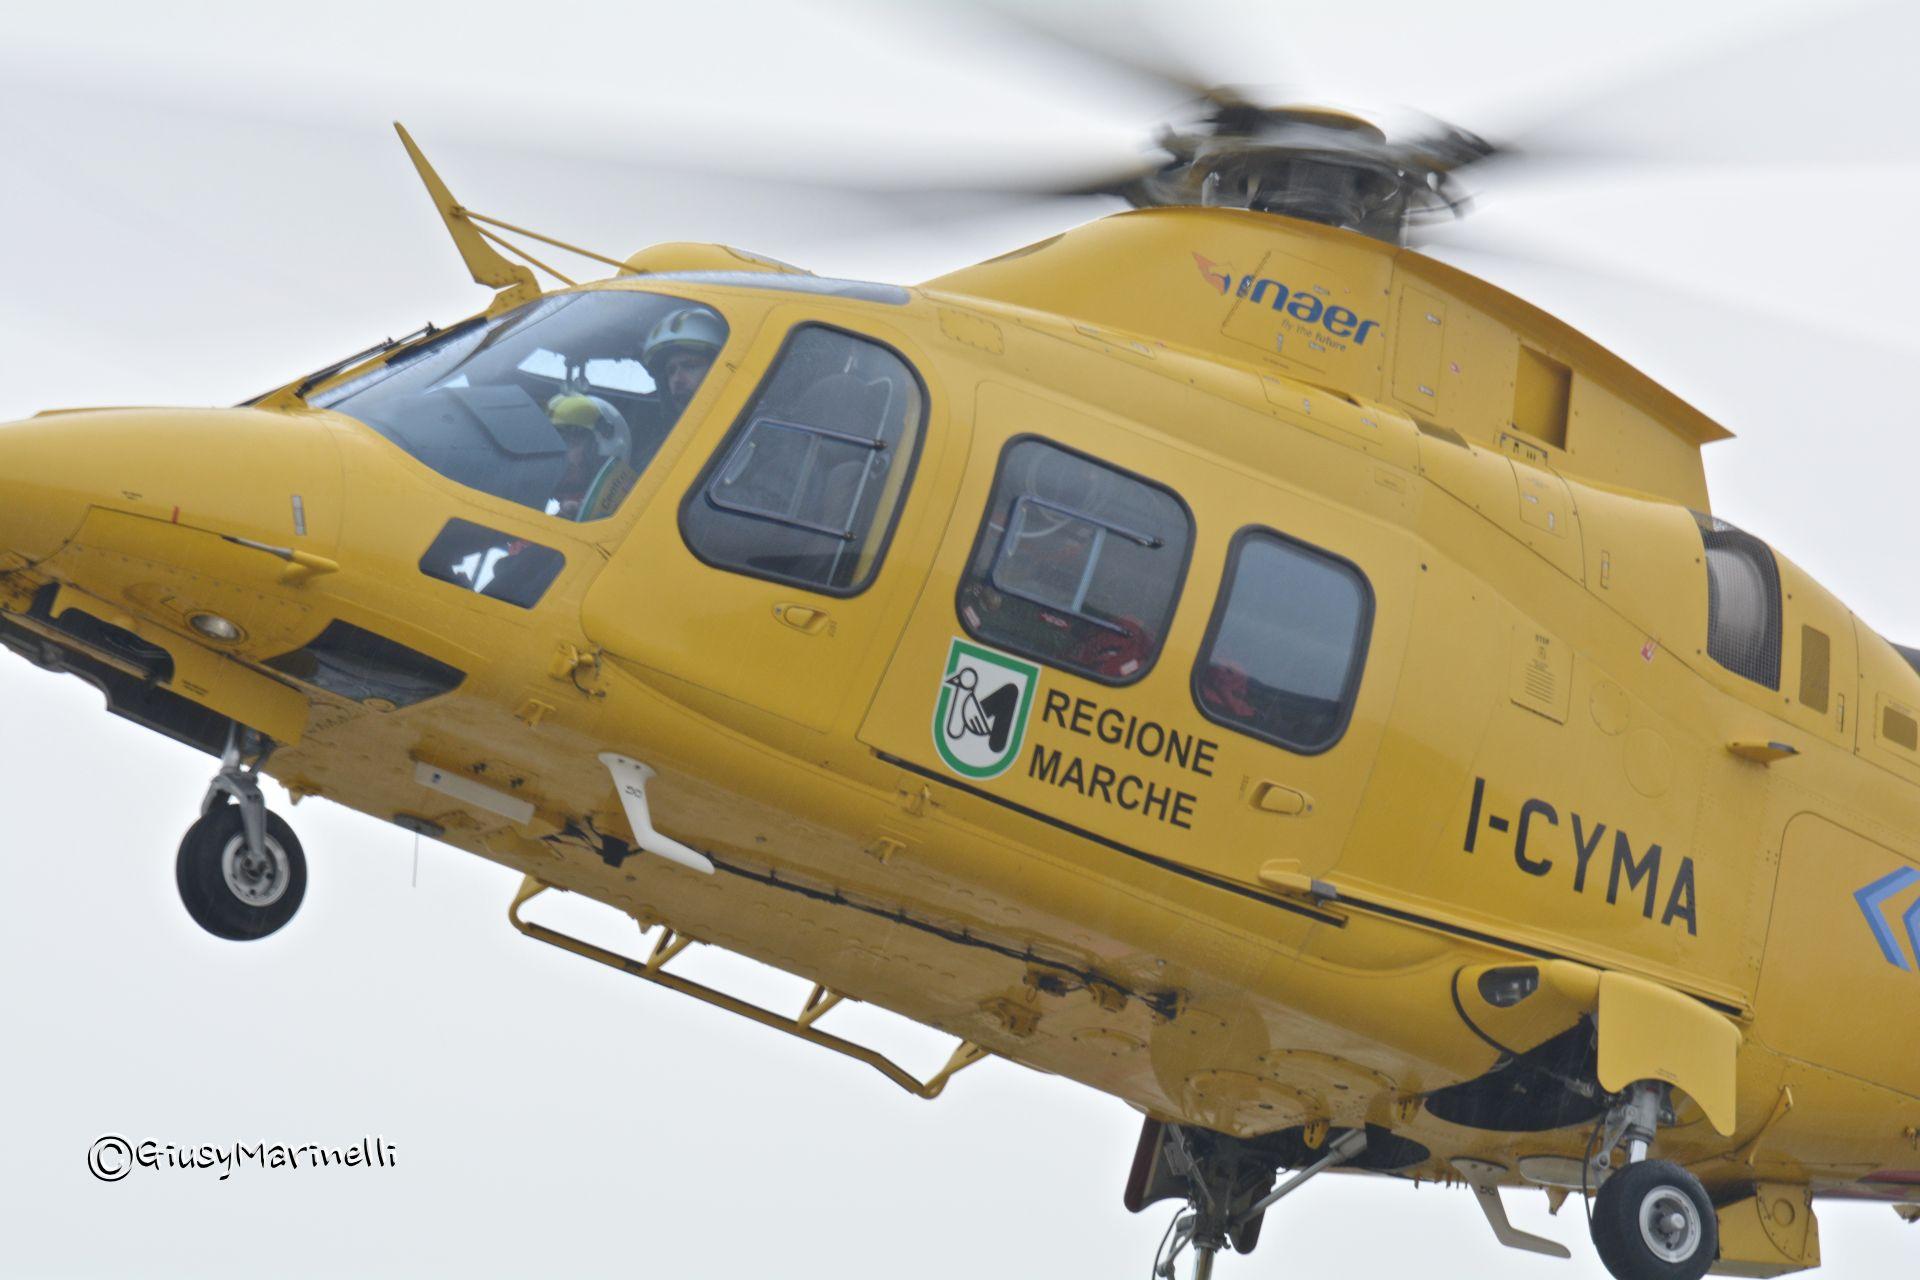 Elicottero 118 : Eliambulanza icaro decollo da elisuperficie ospedale di